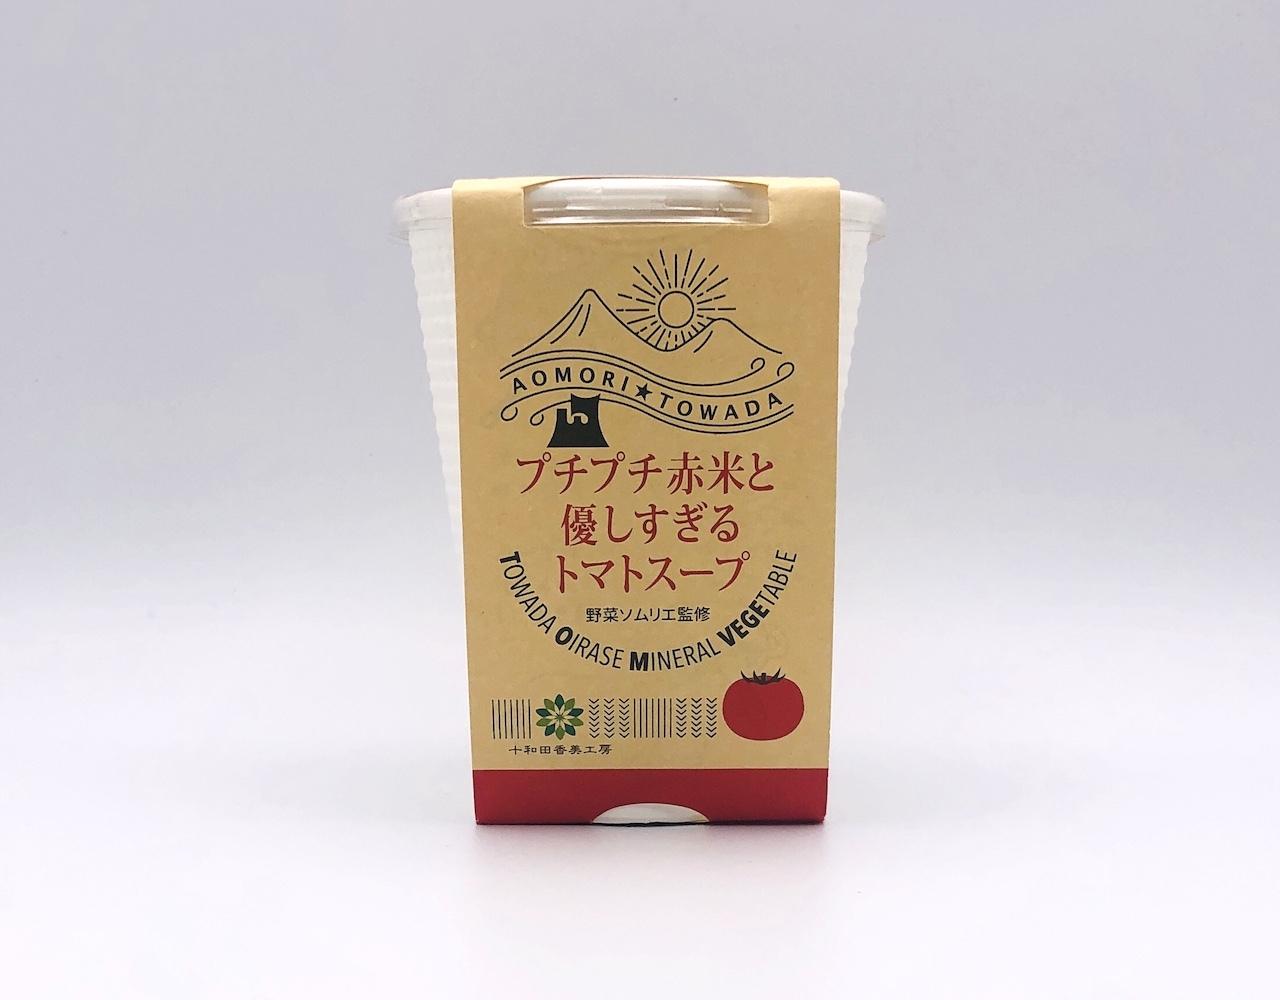 プチプチ赤米と優しすぎるトマトスープ(スムージースープ)